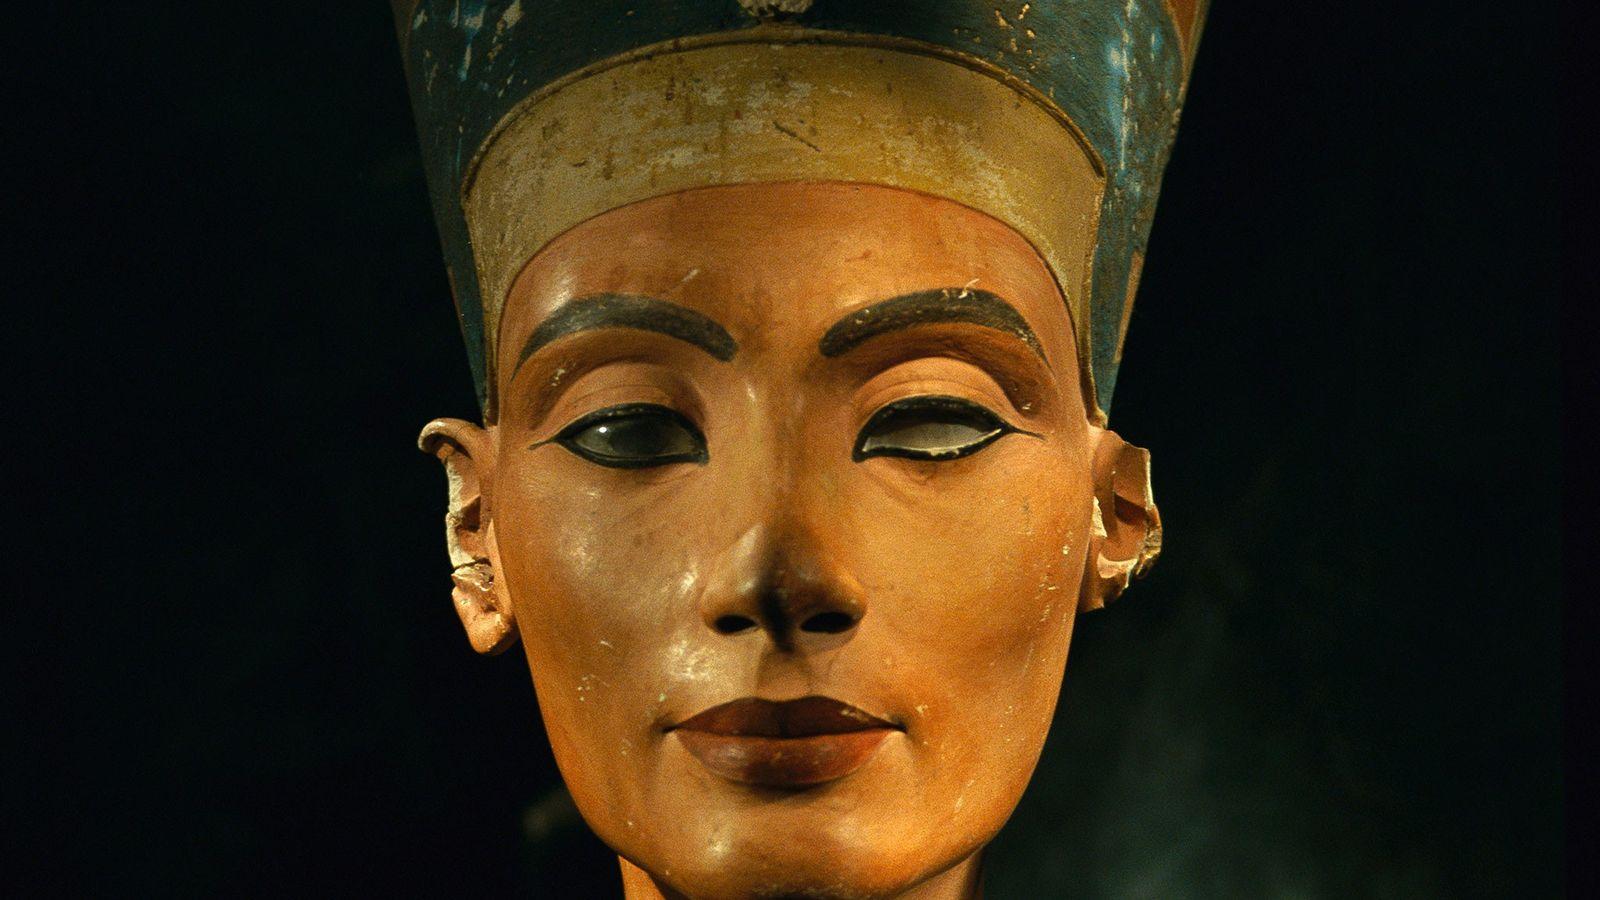 Busto de la reina egipcia Nefertiti.